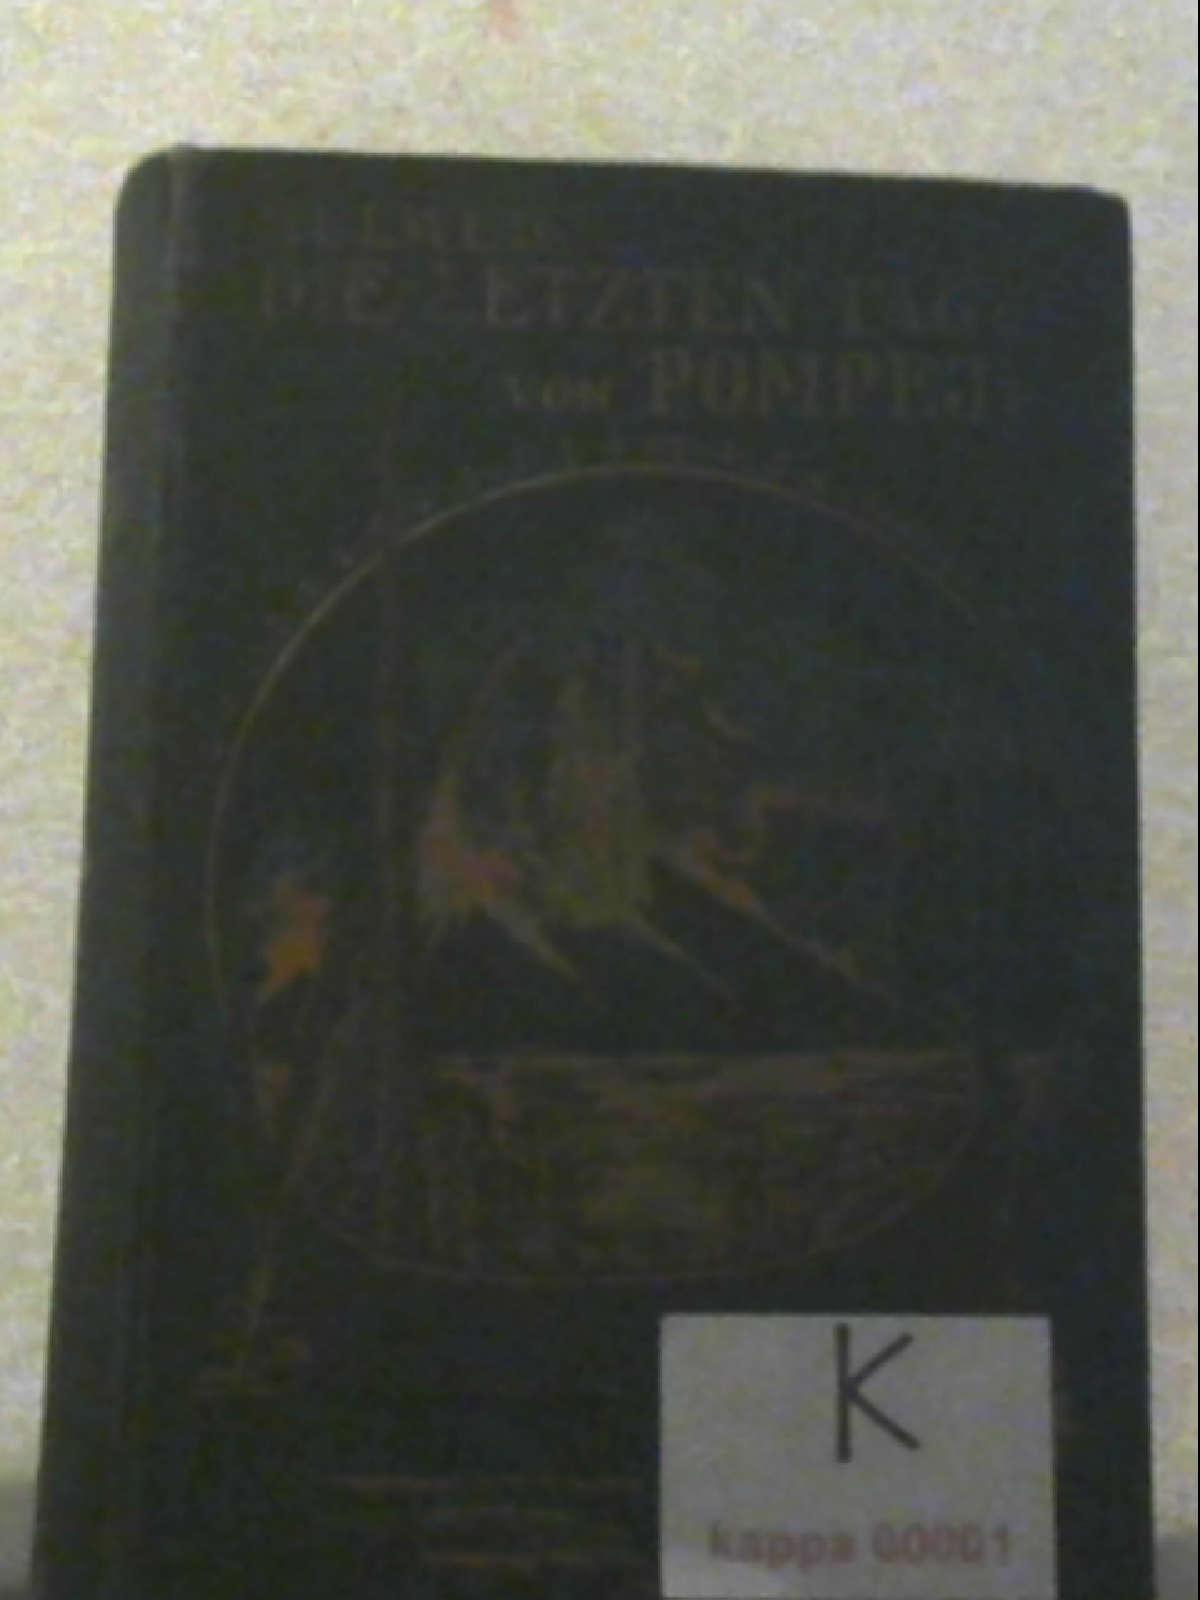 Die letzten Tage von Pompeji Roman von Edward Lytton-Bulwer (Buchausstattung Karl Bauer - Kein Erscheinungsjahr angegeben)